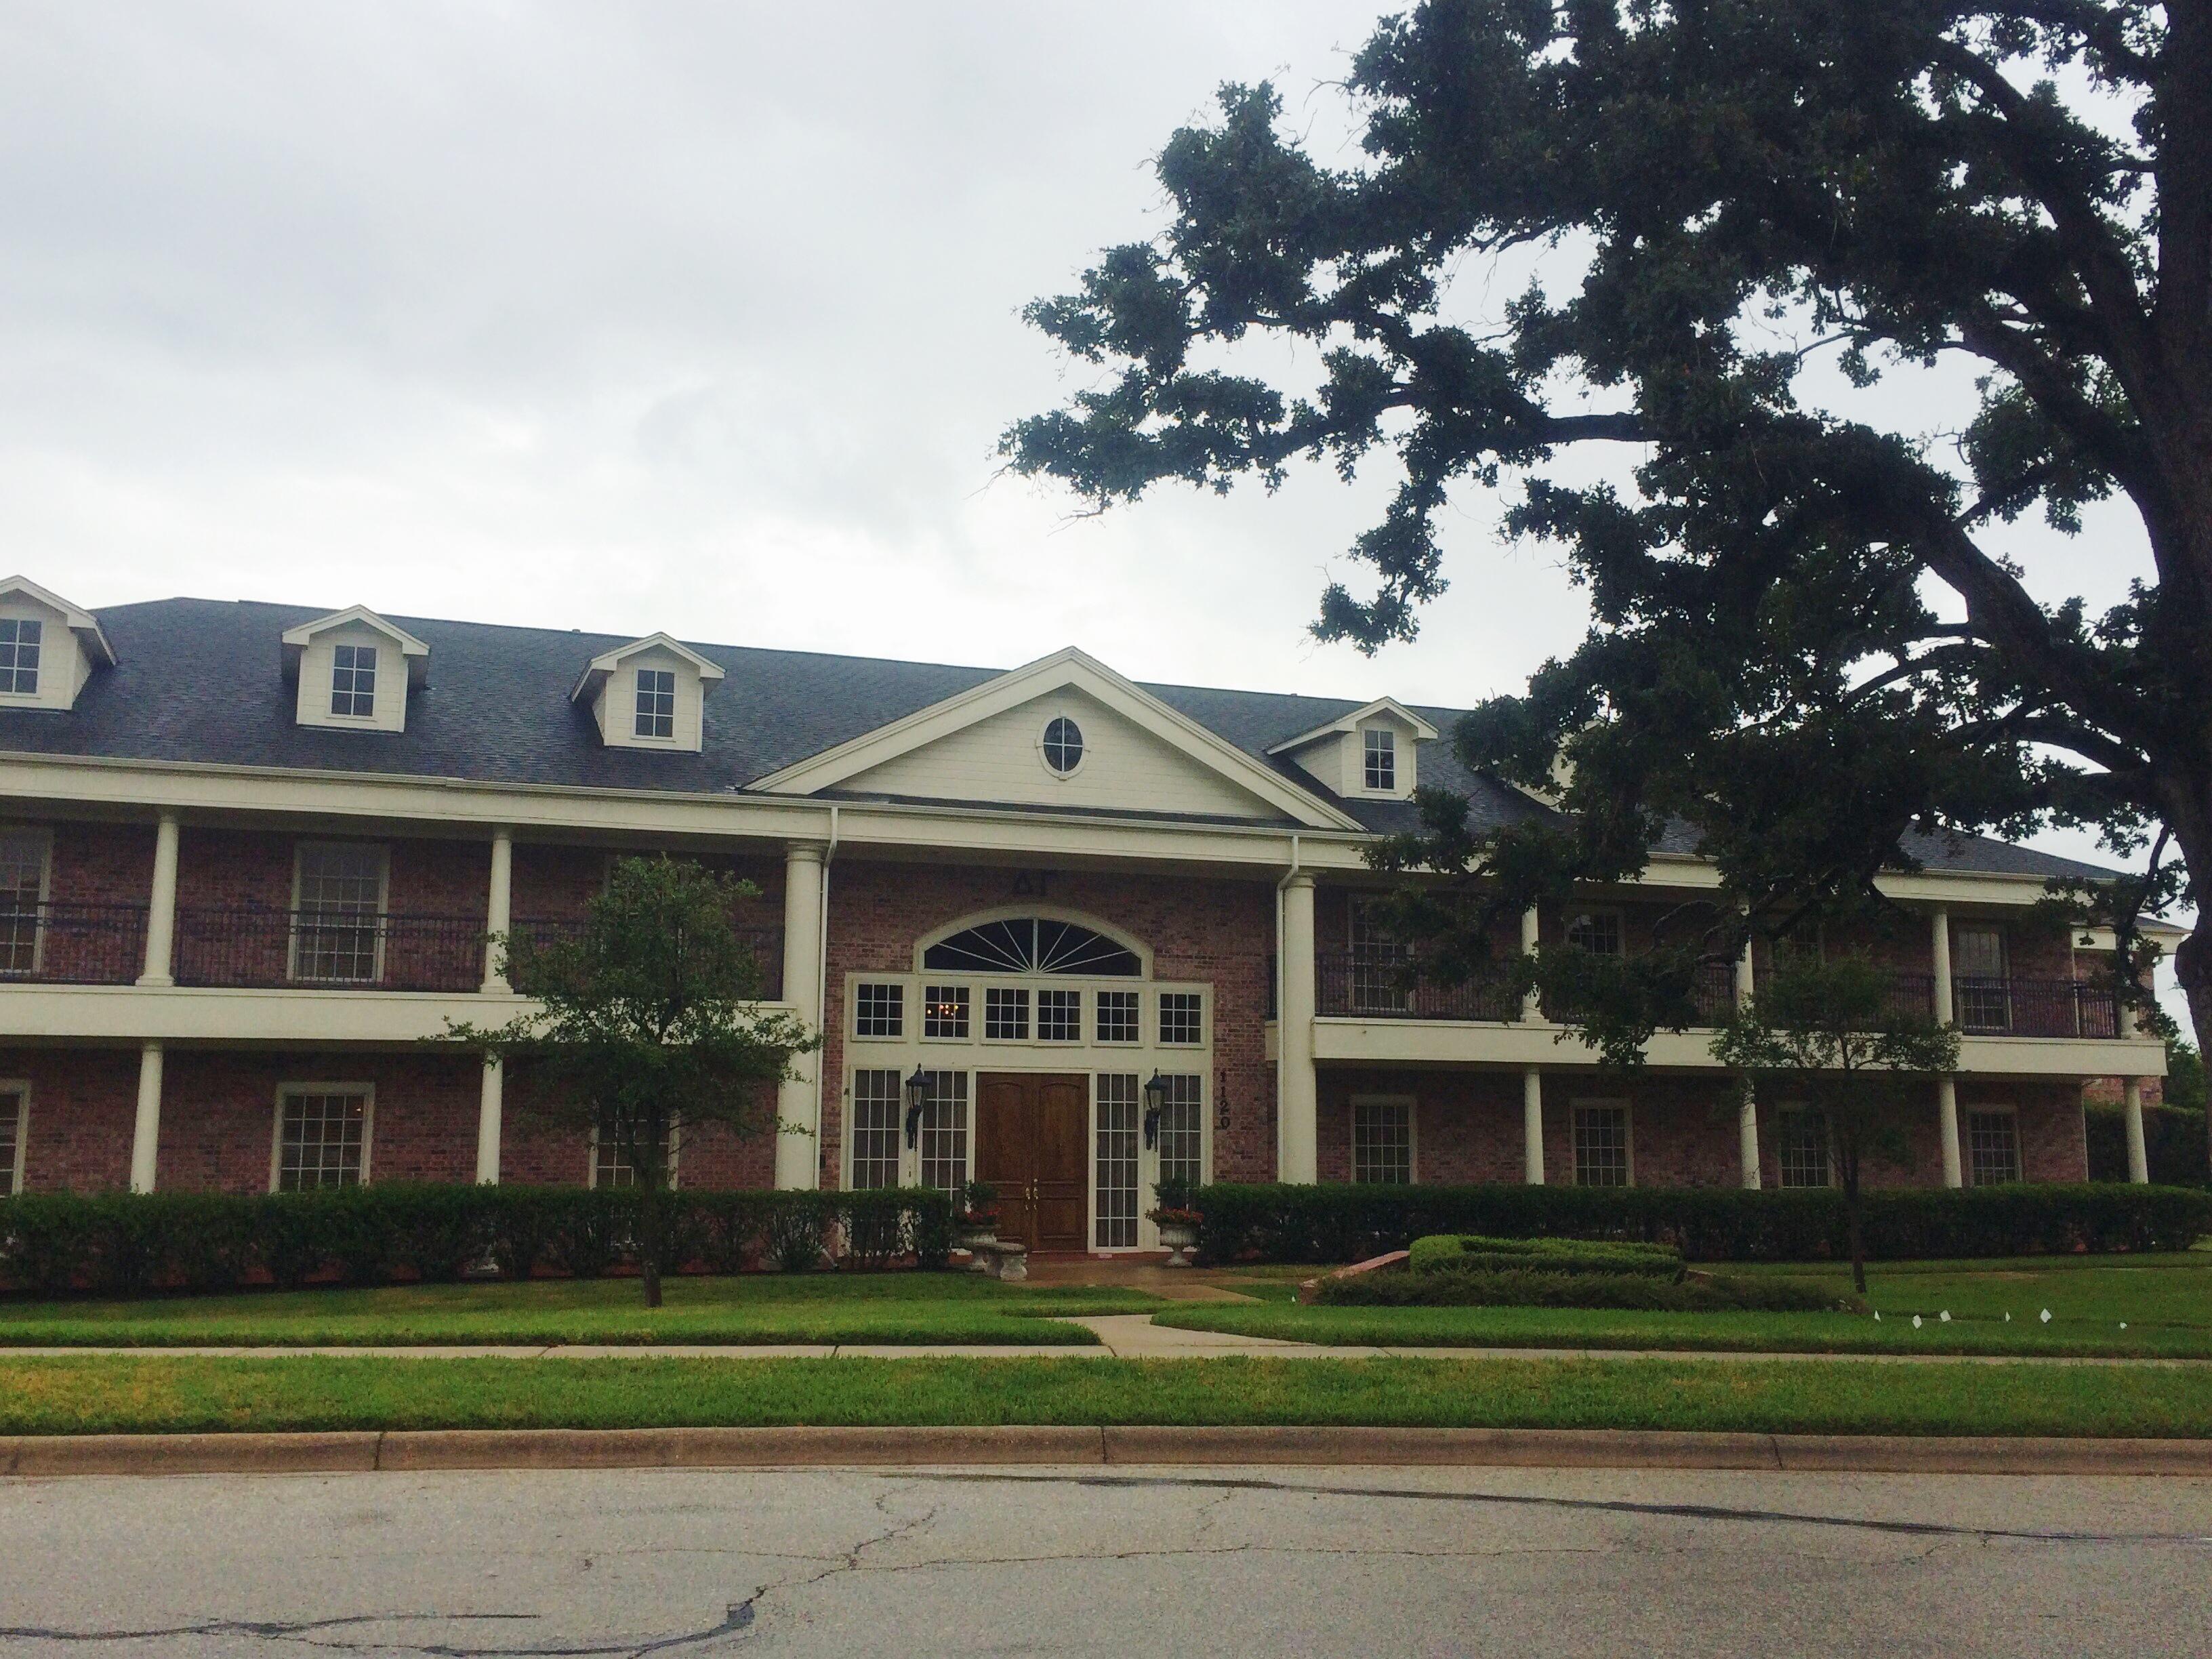 The DG House